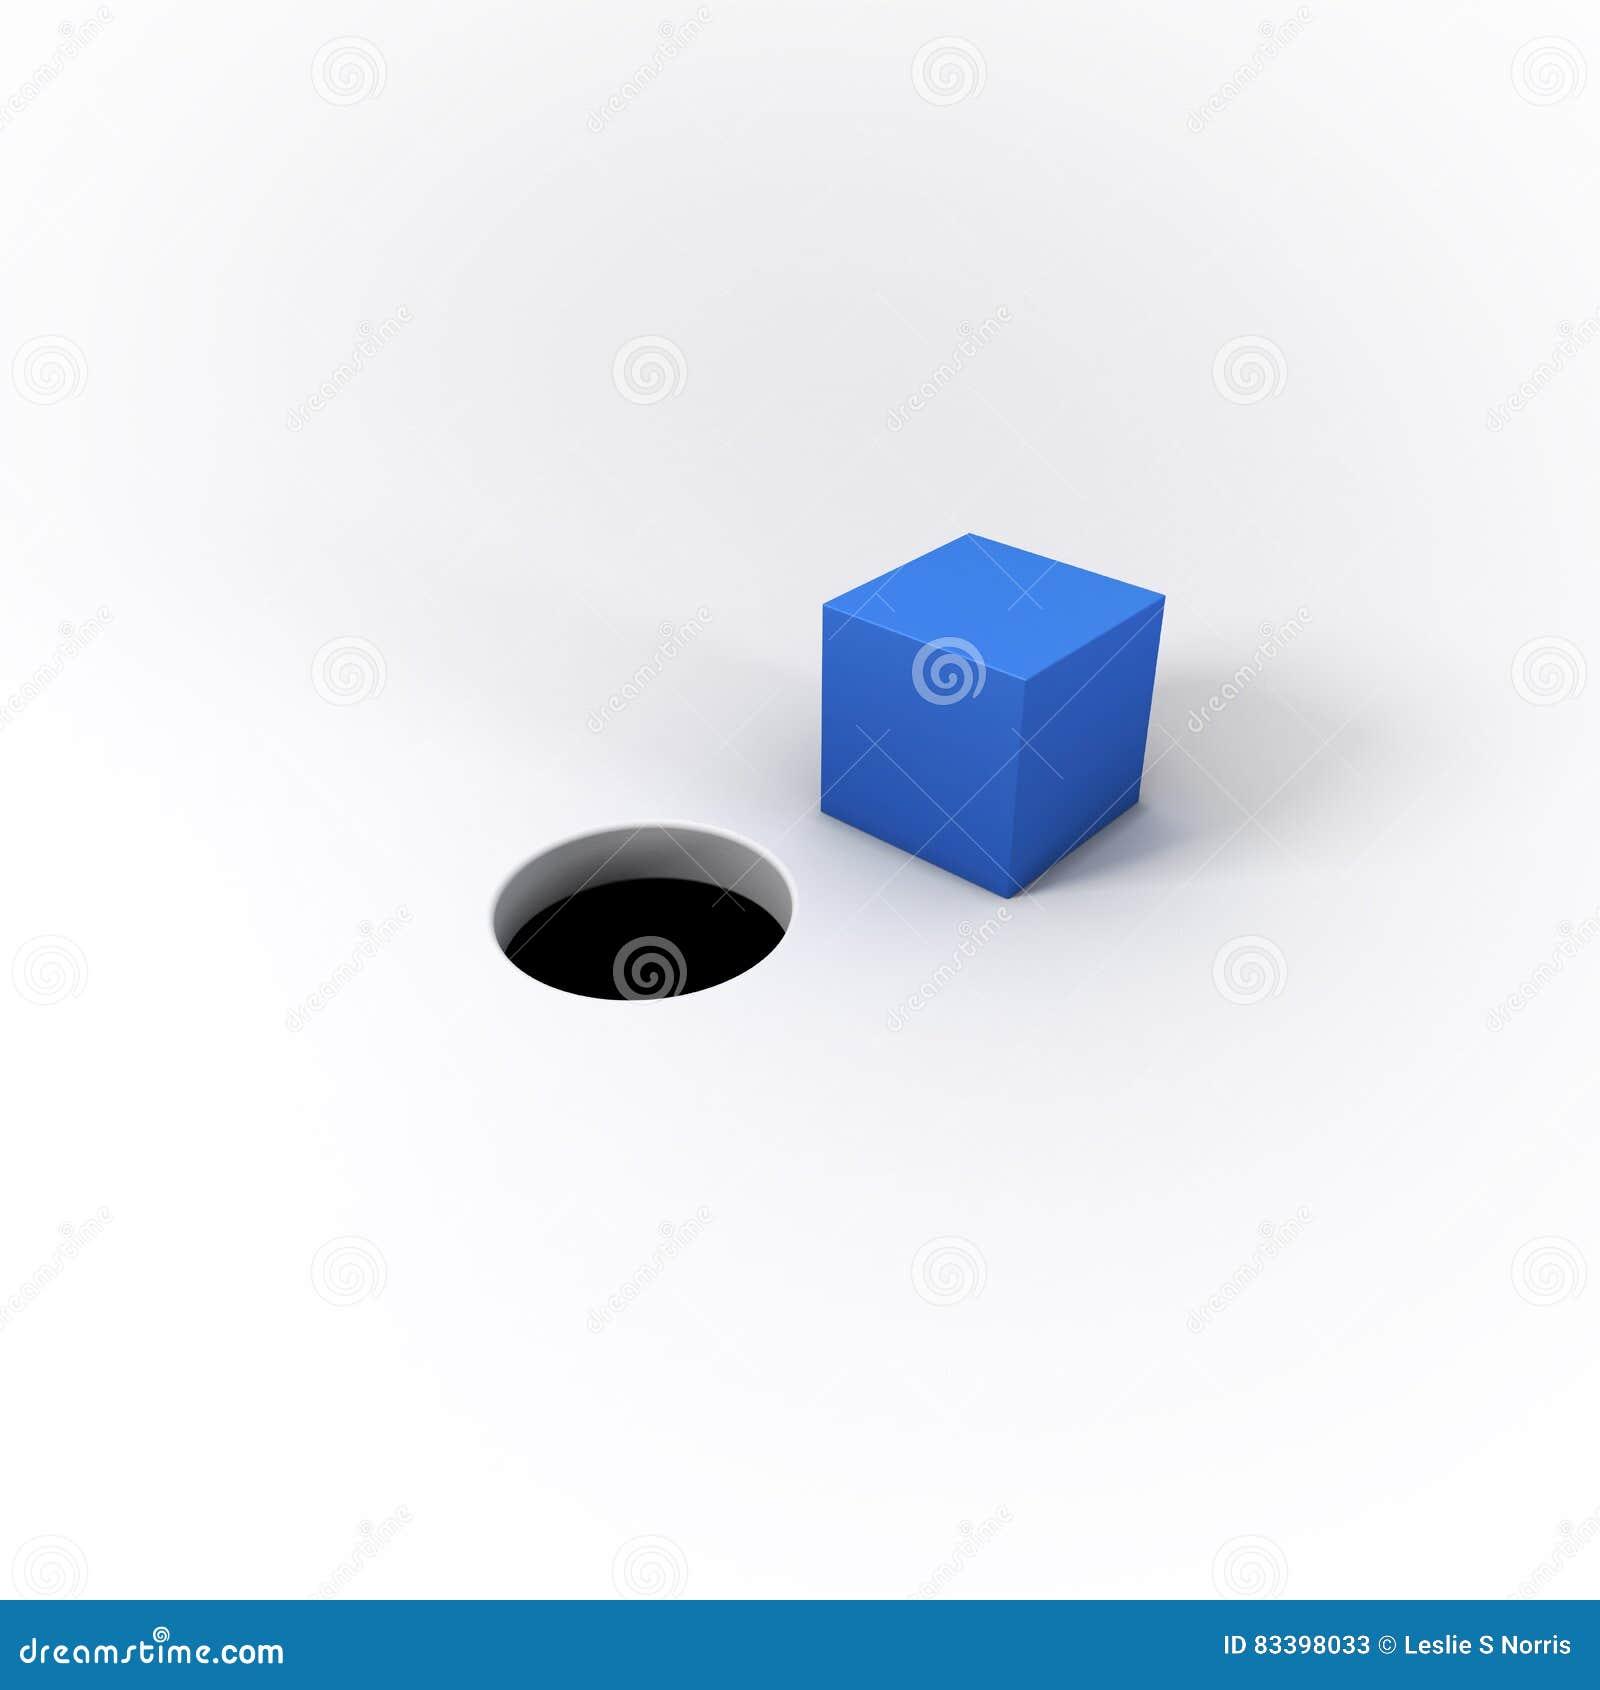 cheville carr e bleue illustr e par 3d et un trou rond sur pentec te lumineux illustration stock. Black Bedroom Furniture Sets. Home Design Ideas